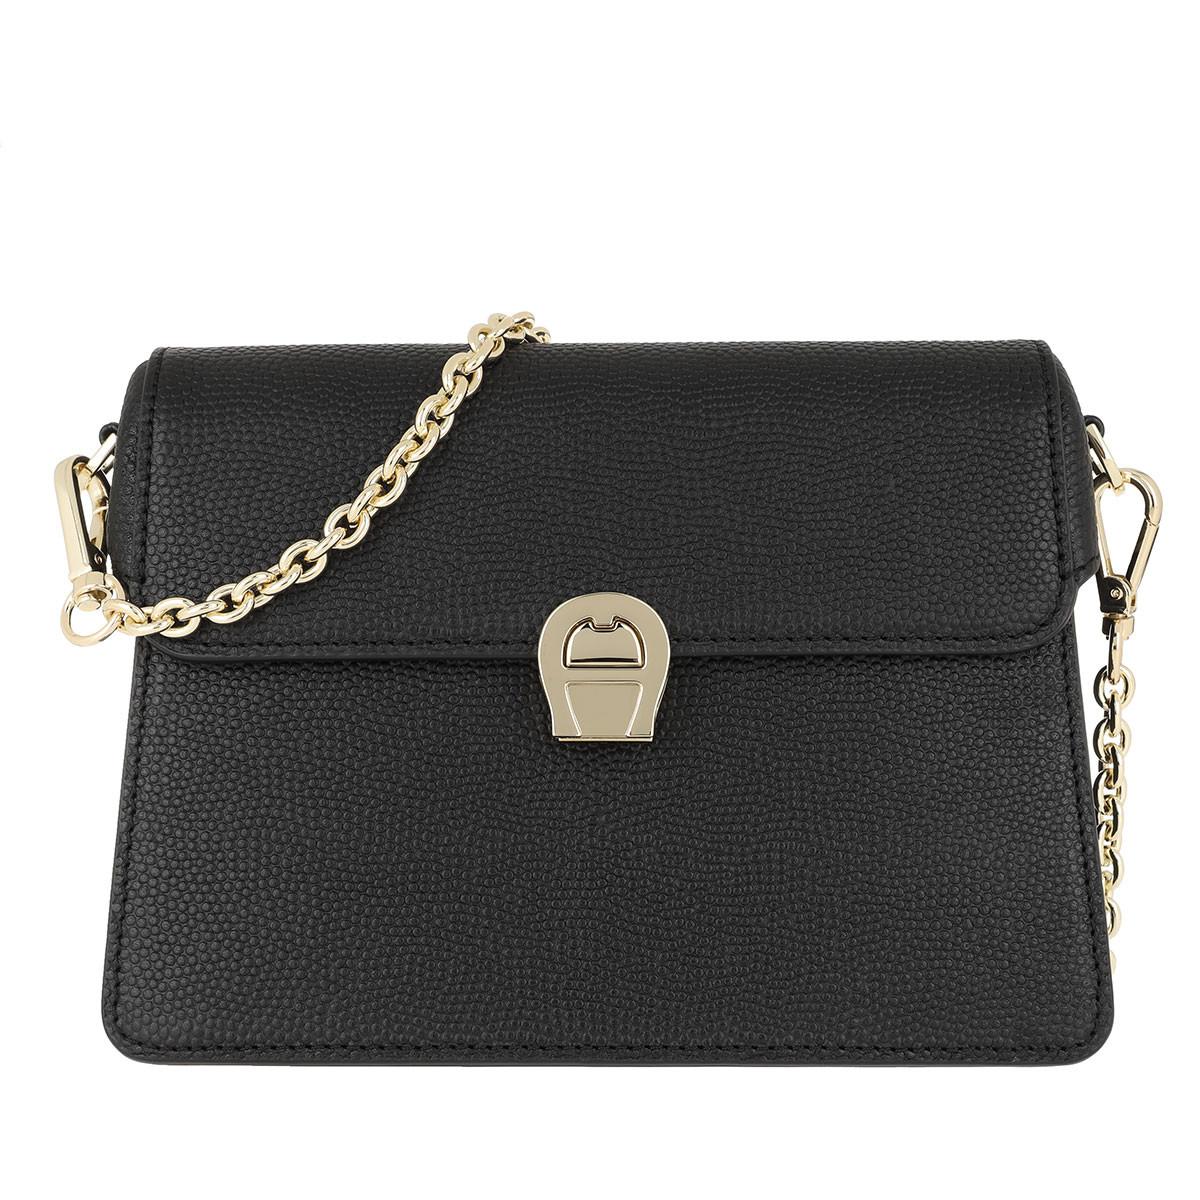 Aigner Umhängetasche - Genoveva Small Clutch Black - in schwarz - für Damen